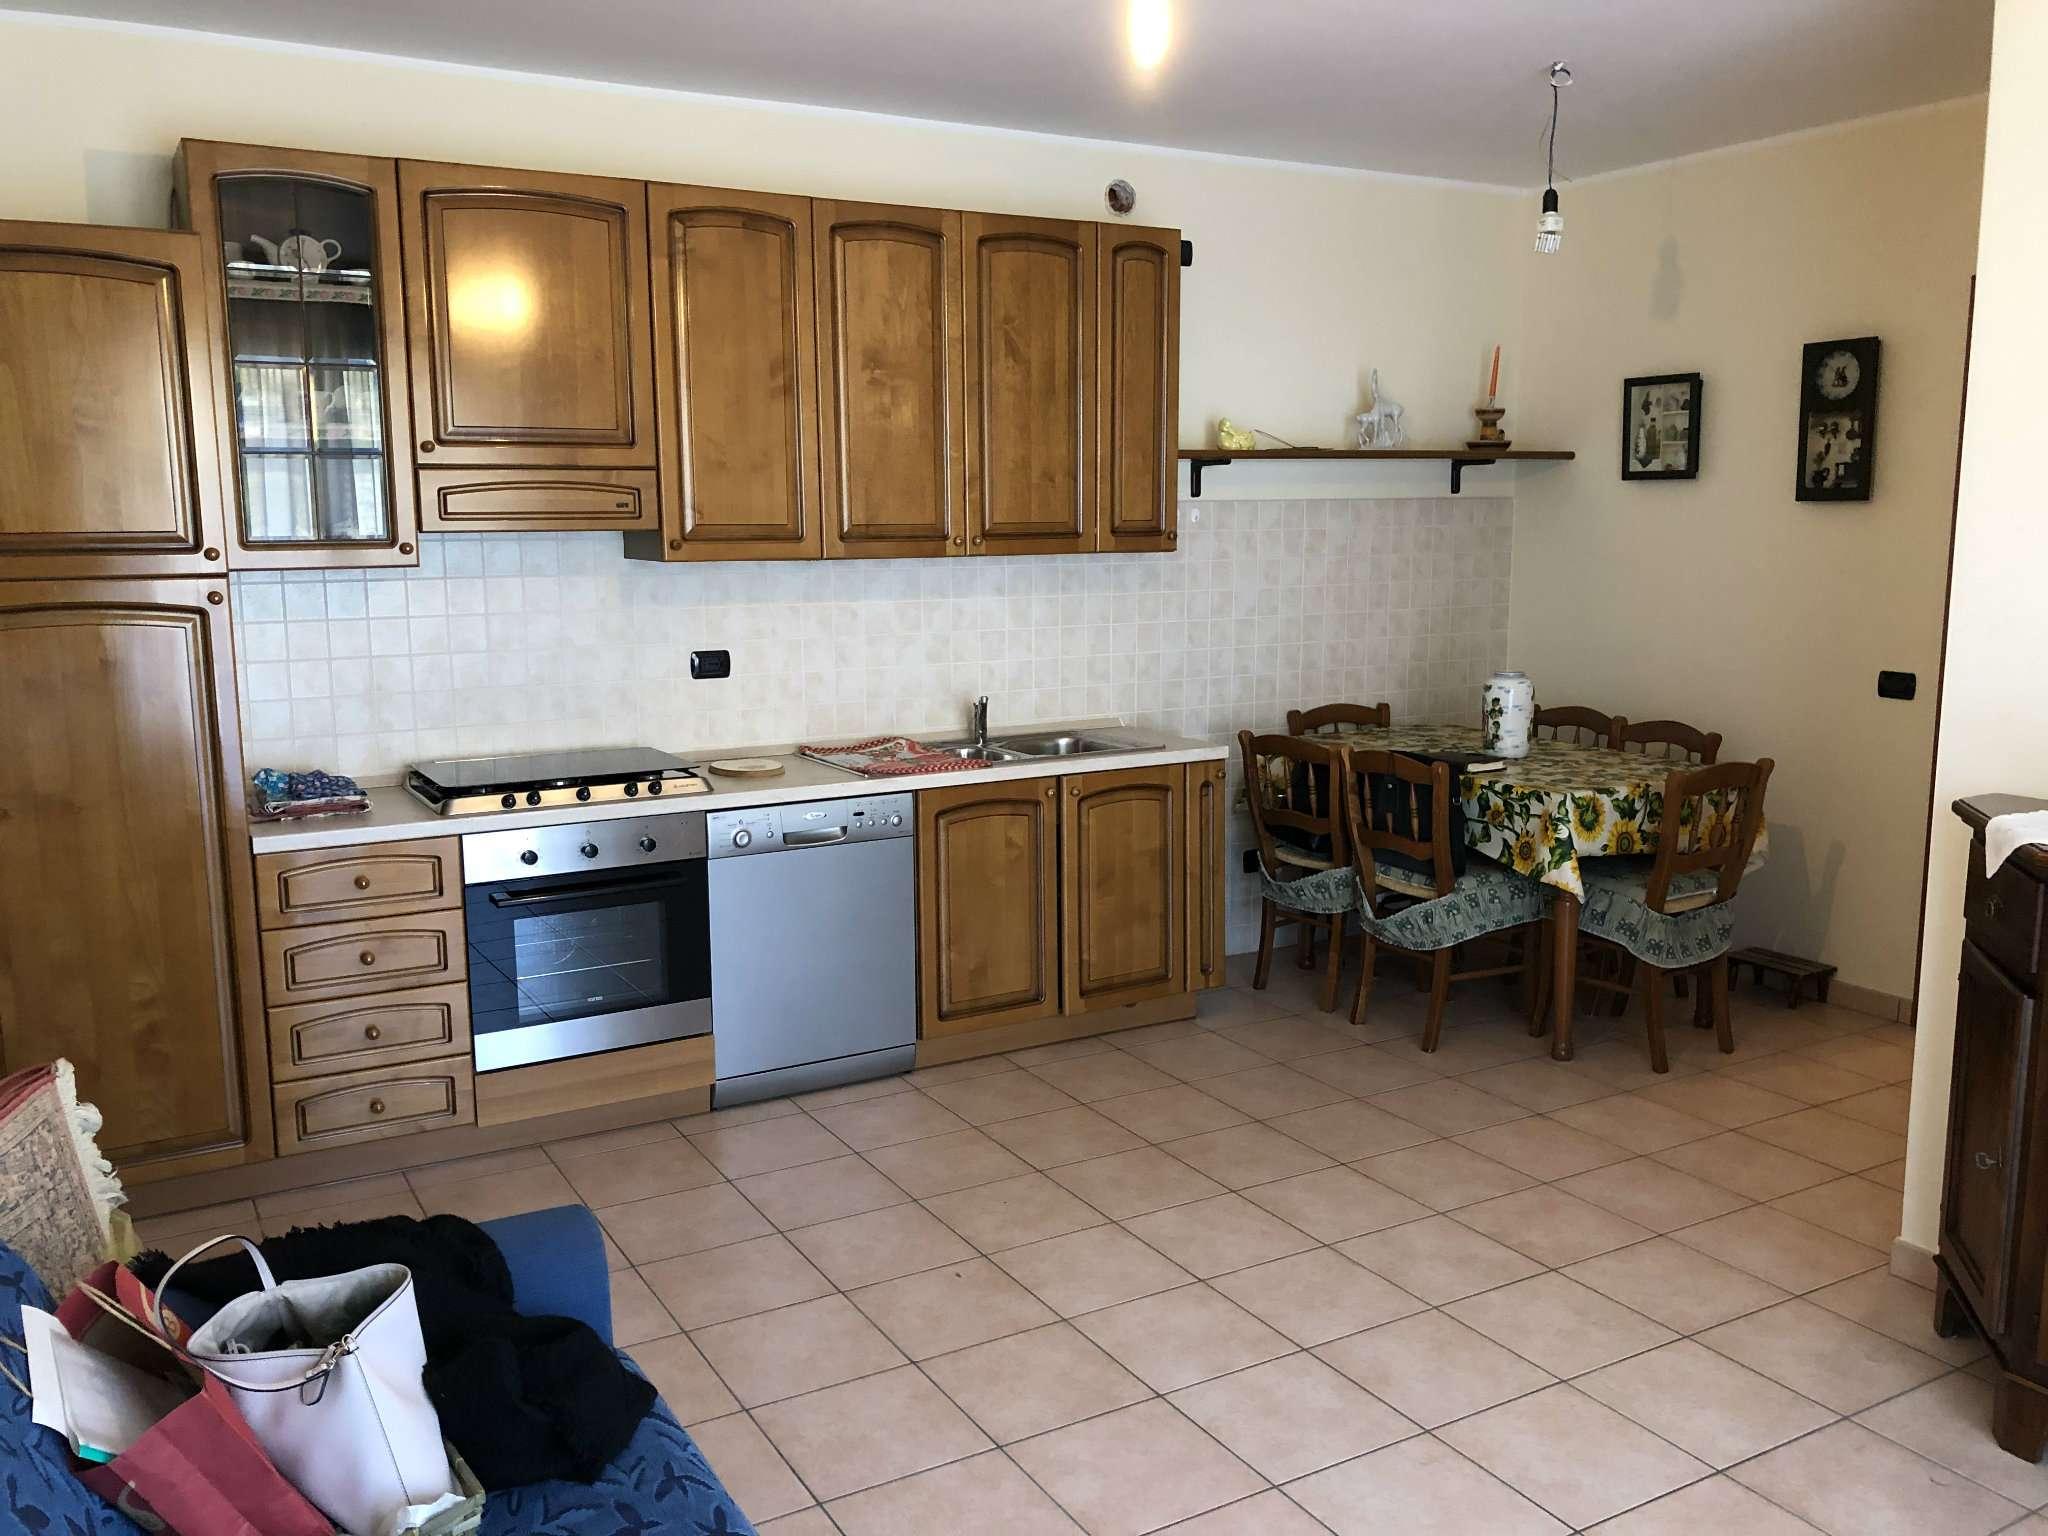 Appartamento in vendita a Brenta, 2 locali, prezzo € 100.000 | CambioCasa.it